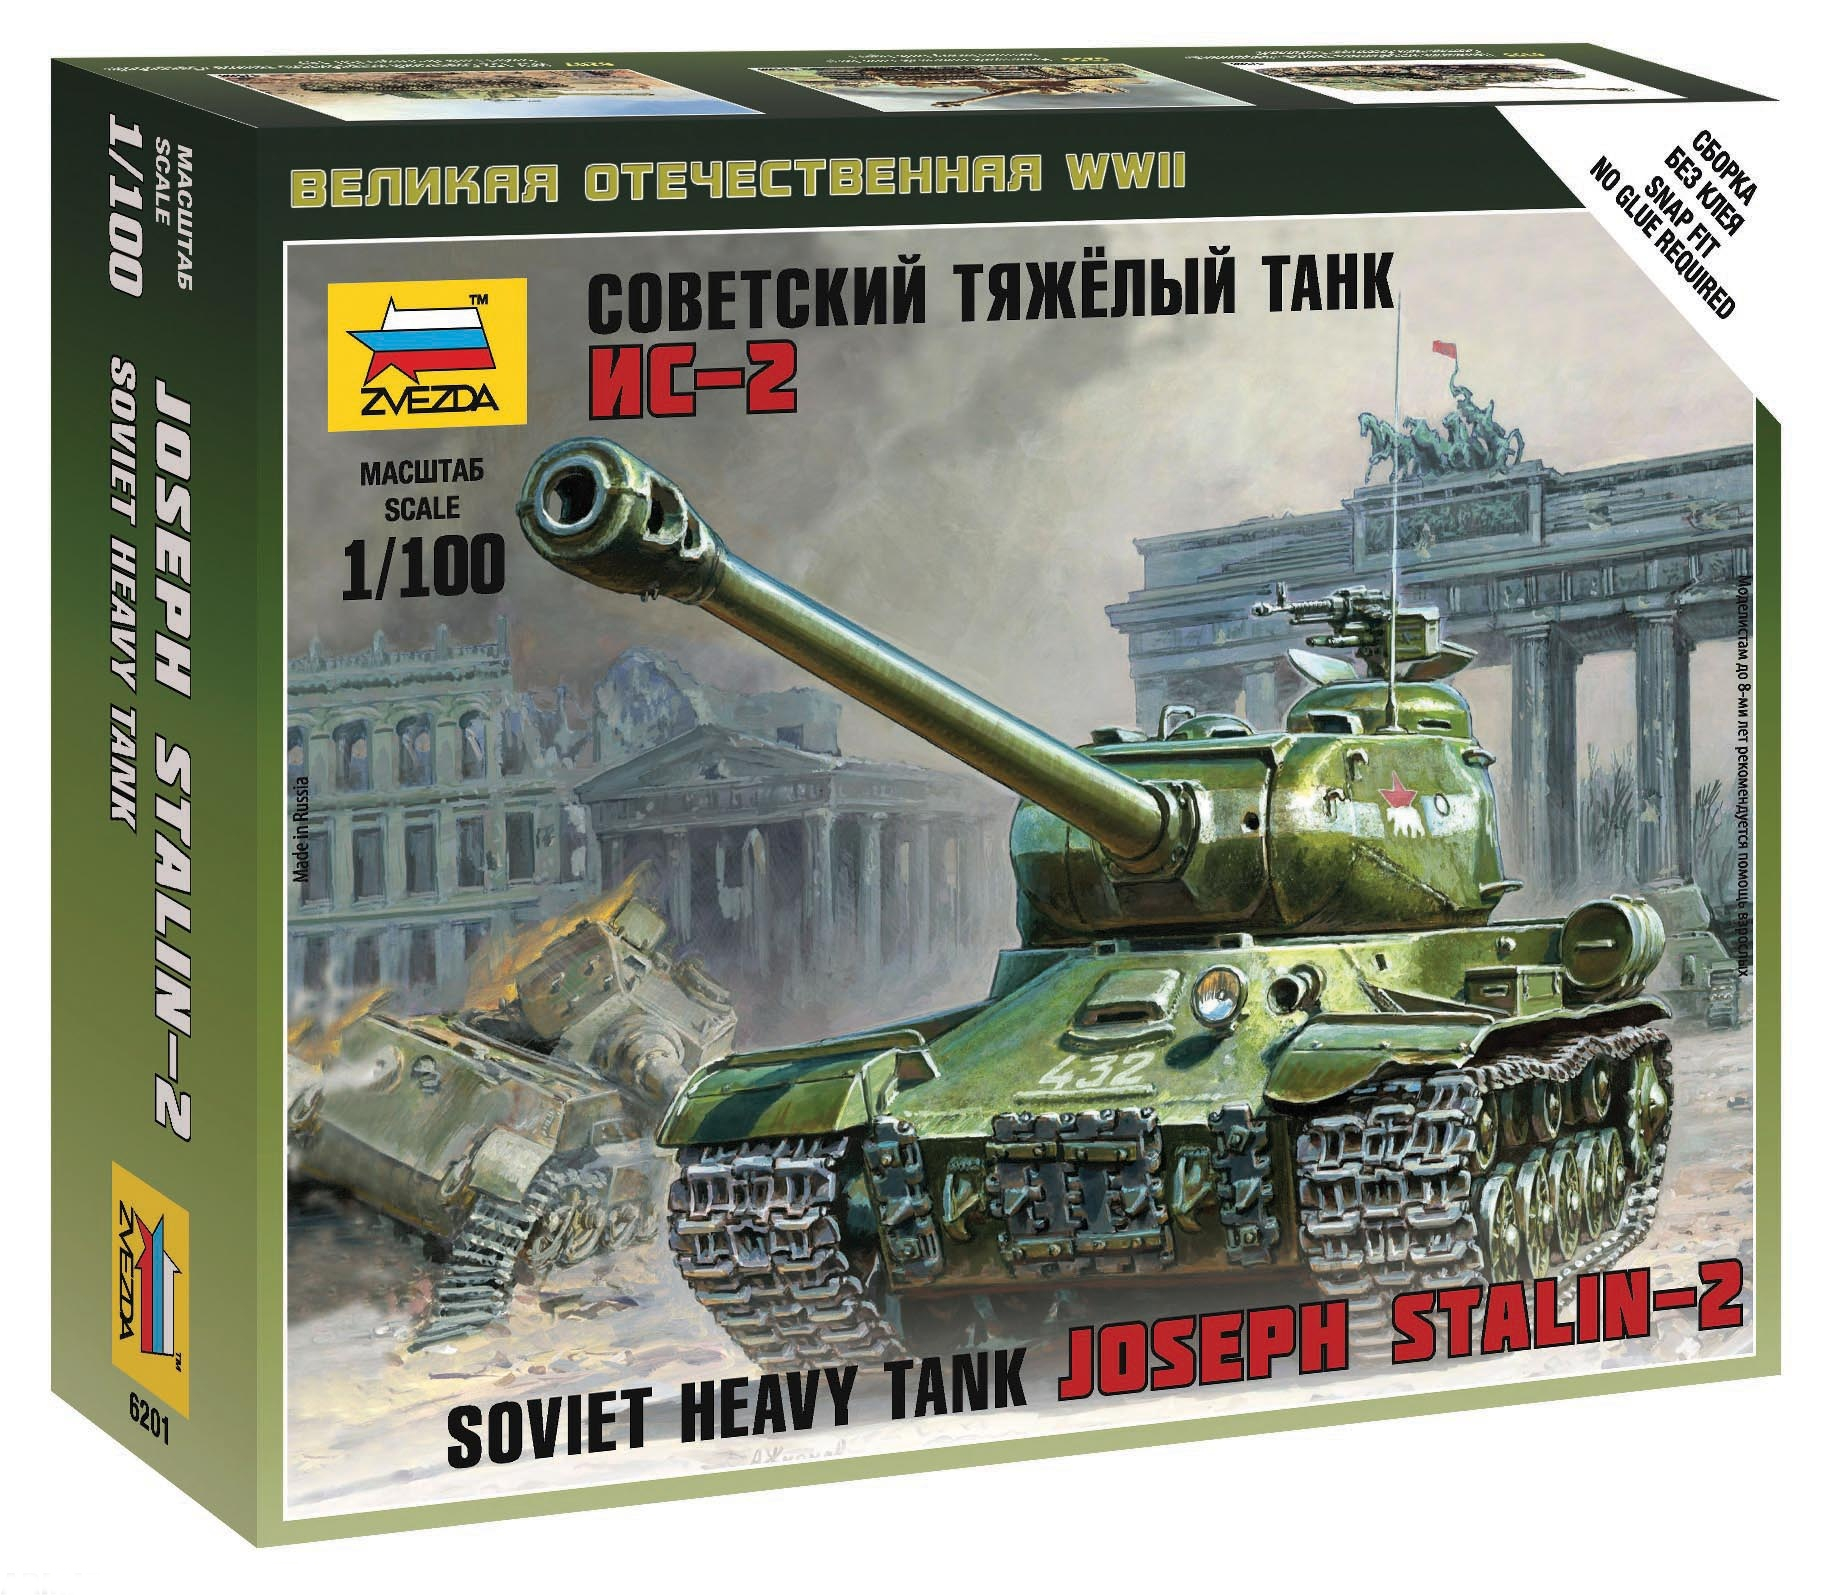 Модель сборная - Советский тяжёлый танк Ис-2Модели танков для склеивания<br>Модель сборная - Советский тяжёлый танк Ис-2<br>